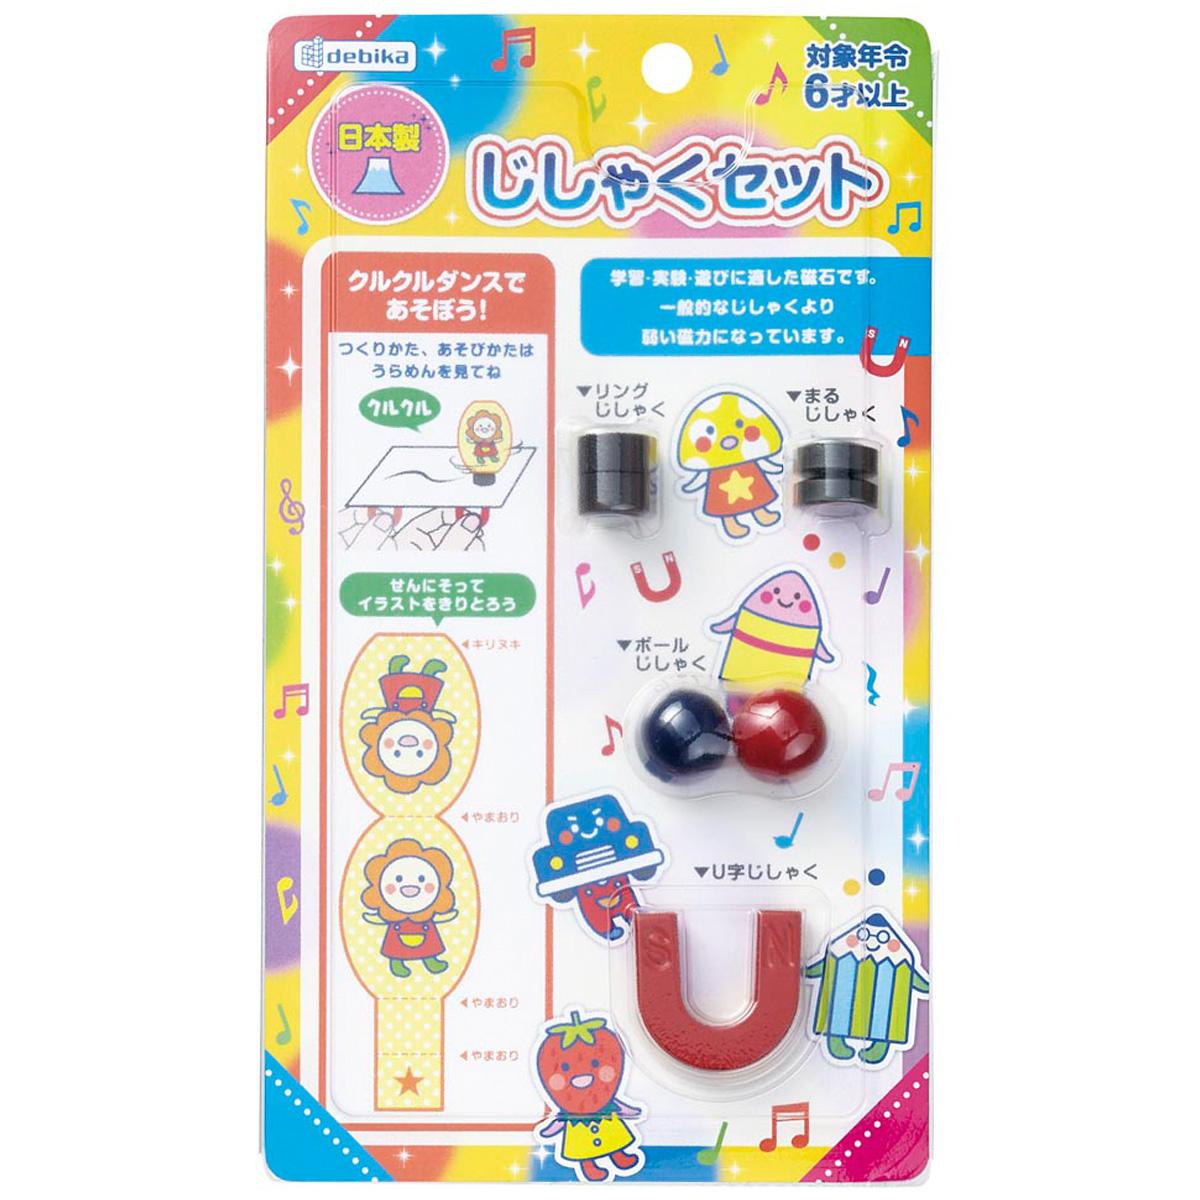 磁石 じしゃく セット 子供 磁石 実験 デビカ クリスマスプレゼント